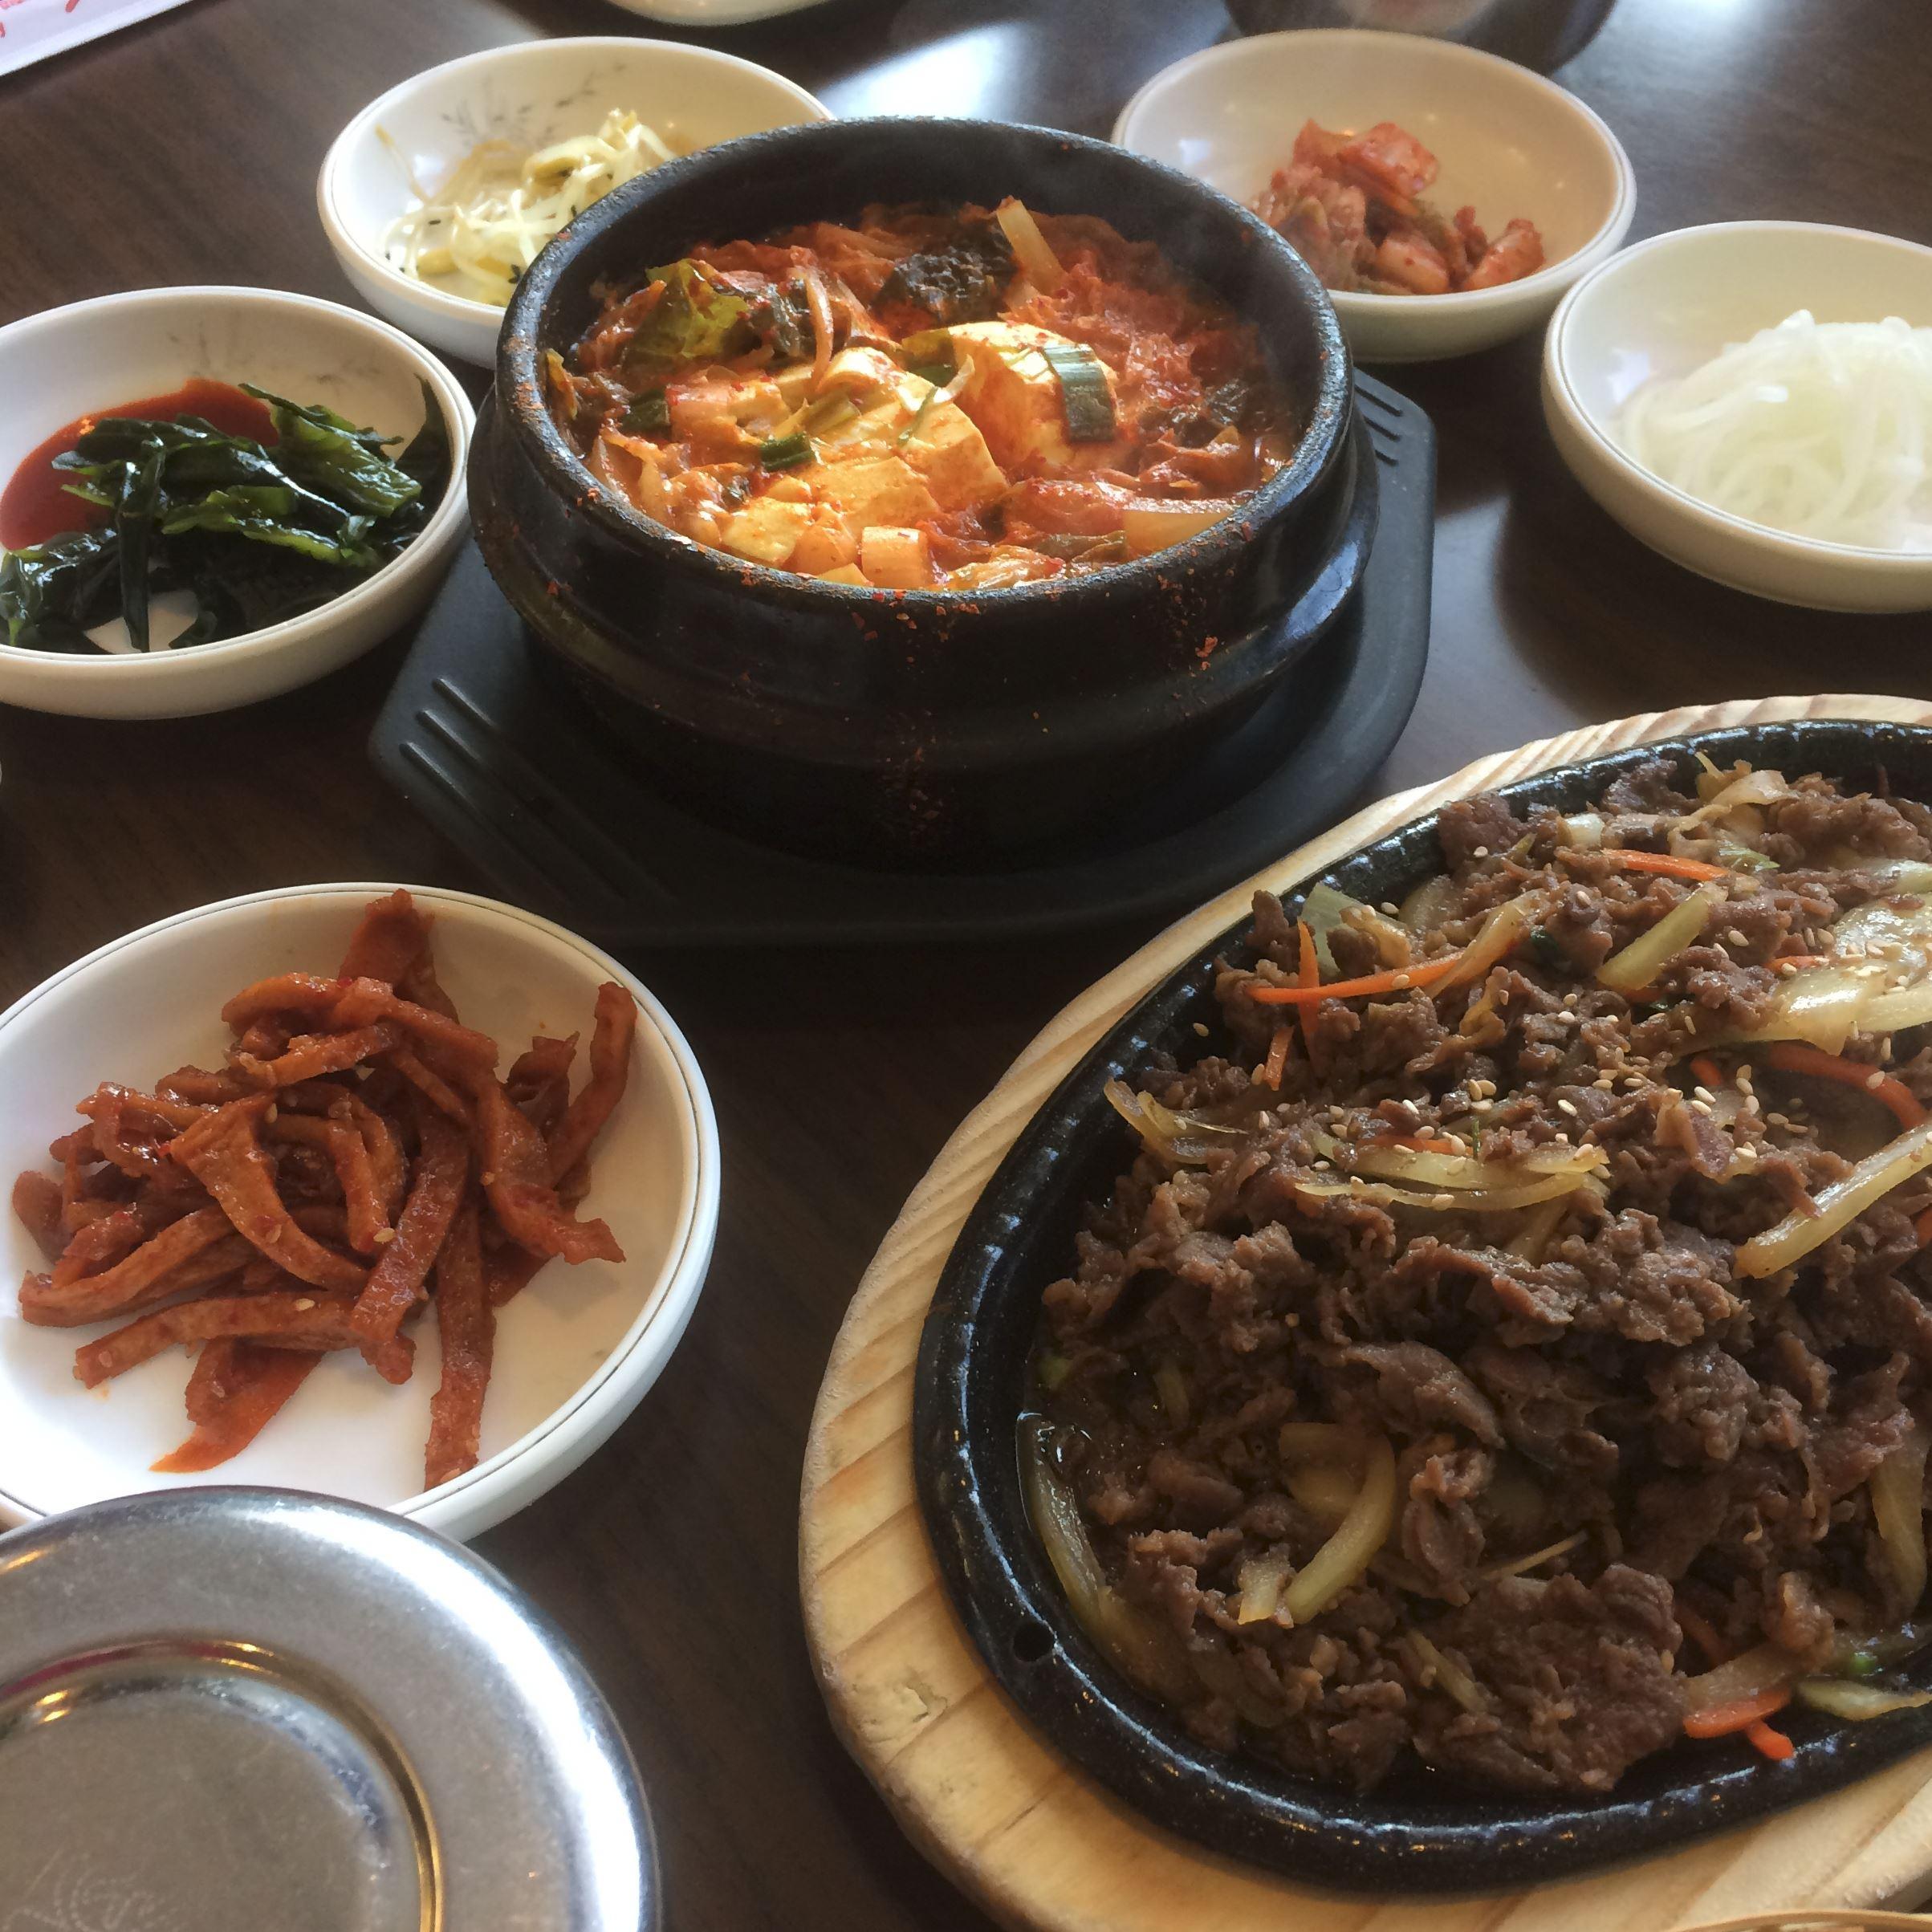 Korean dinner Part of Korean dinner for three at Duru Restaurant in downtown St. Catharines, Ontario.